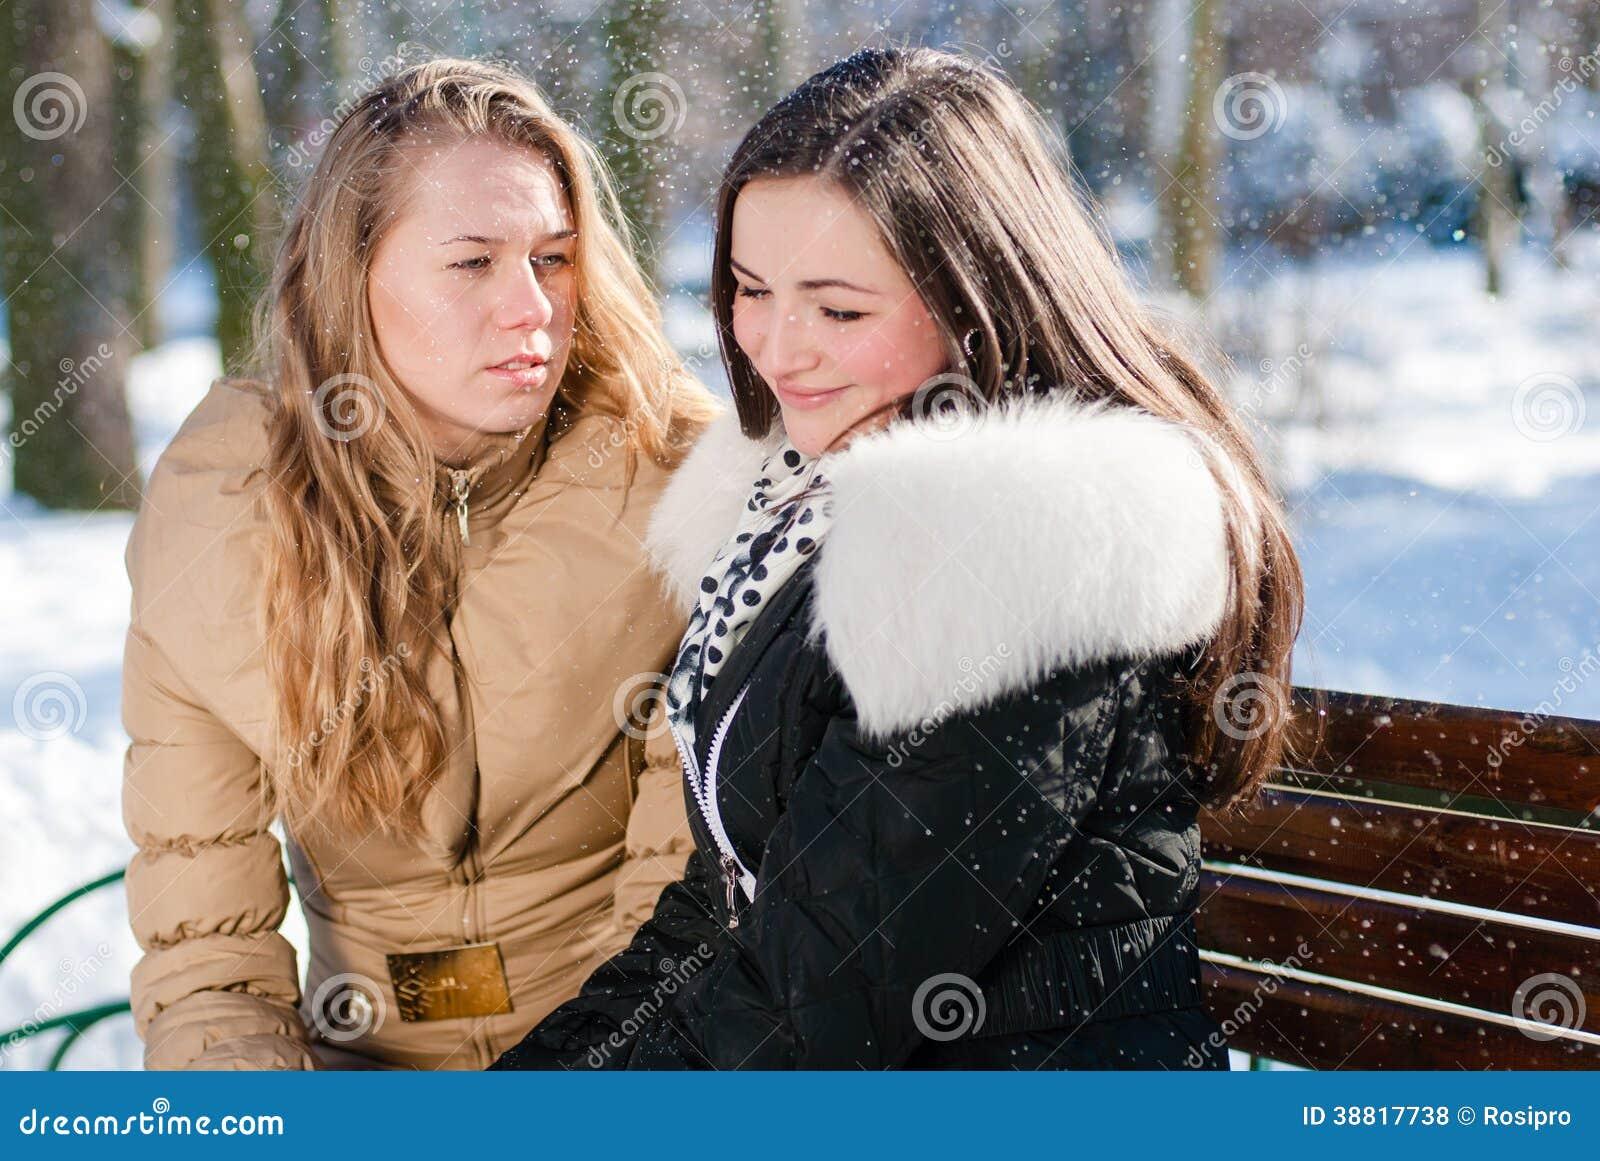 2 junge schöne hübsche Frauen, die auf einer Bank im Winter sitzen, parken draußen